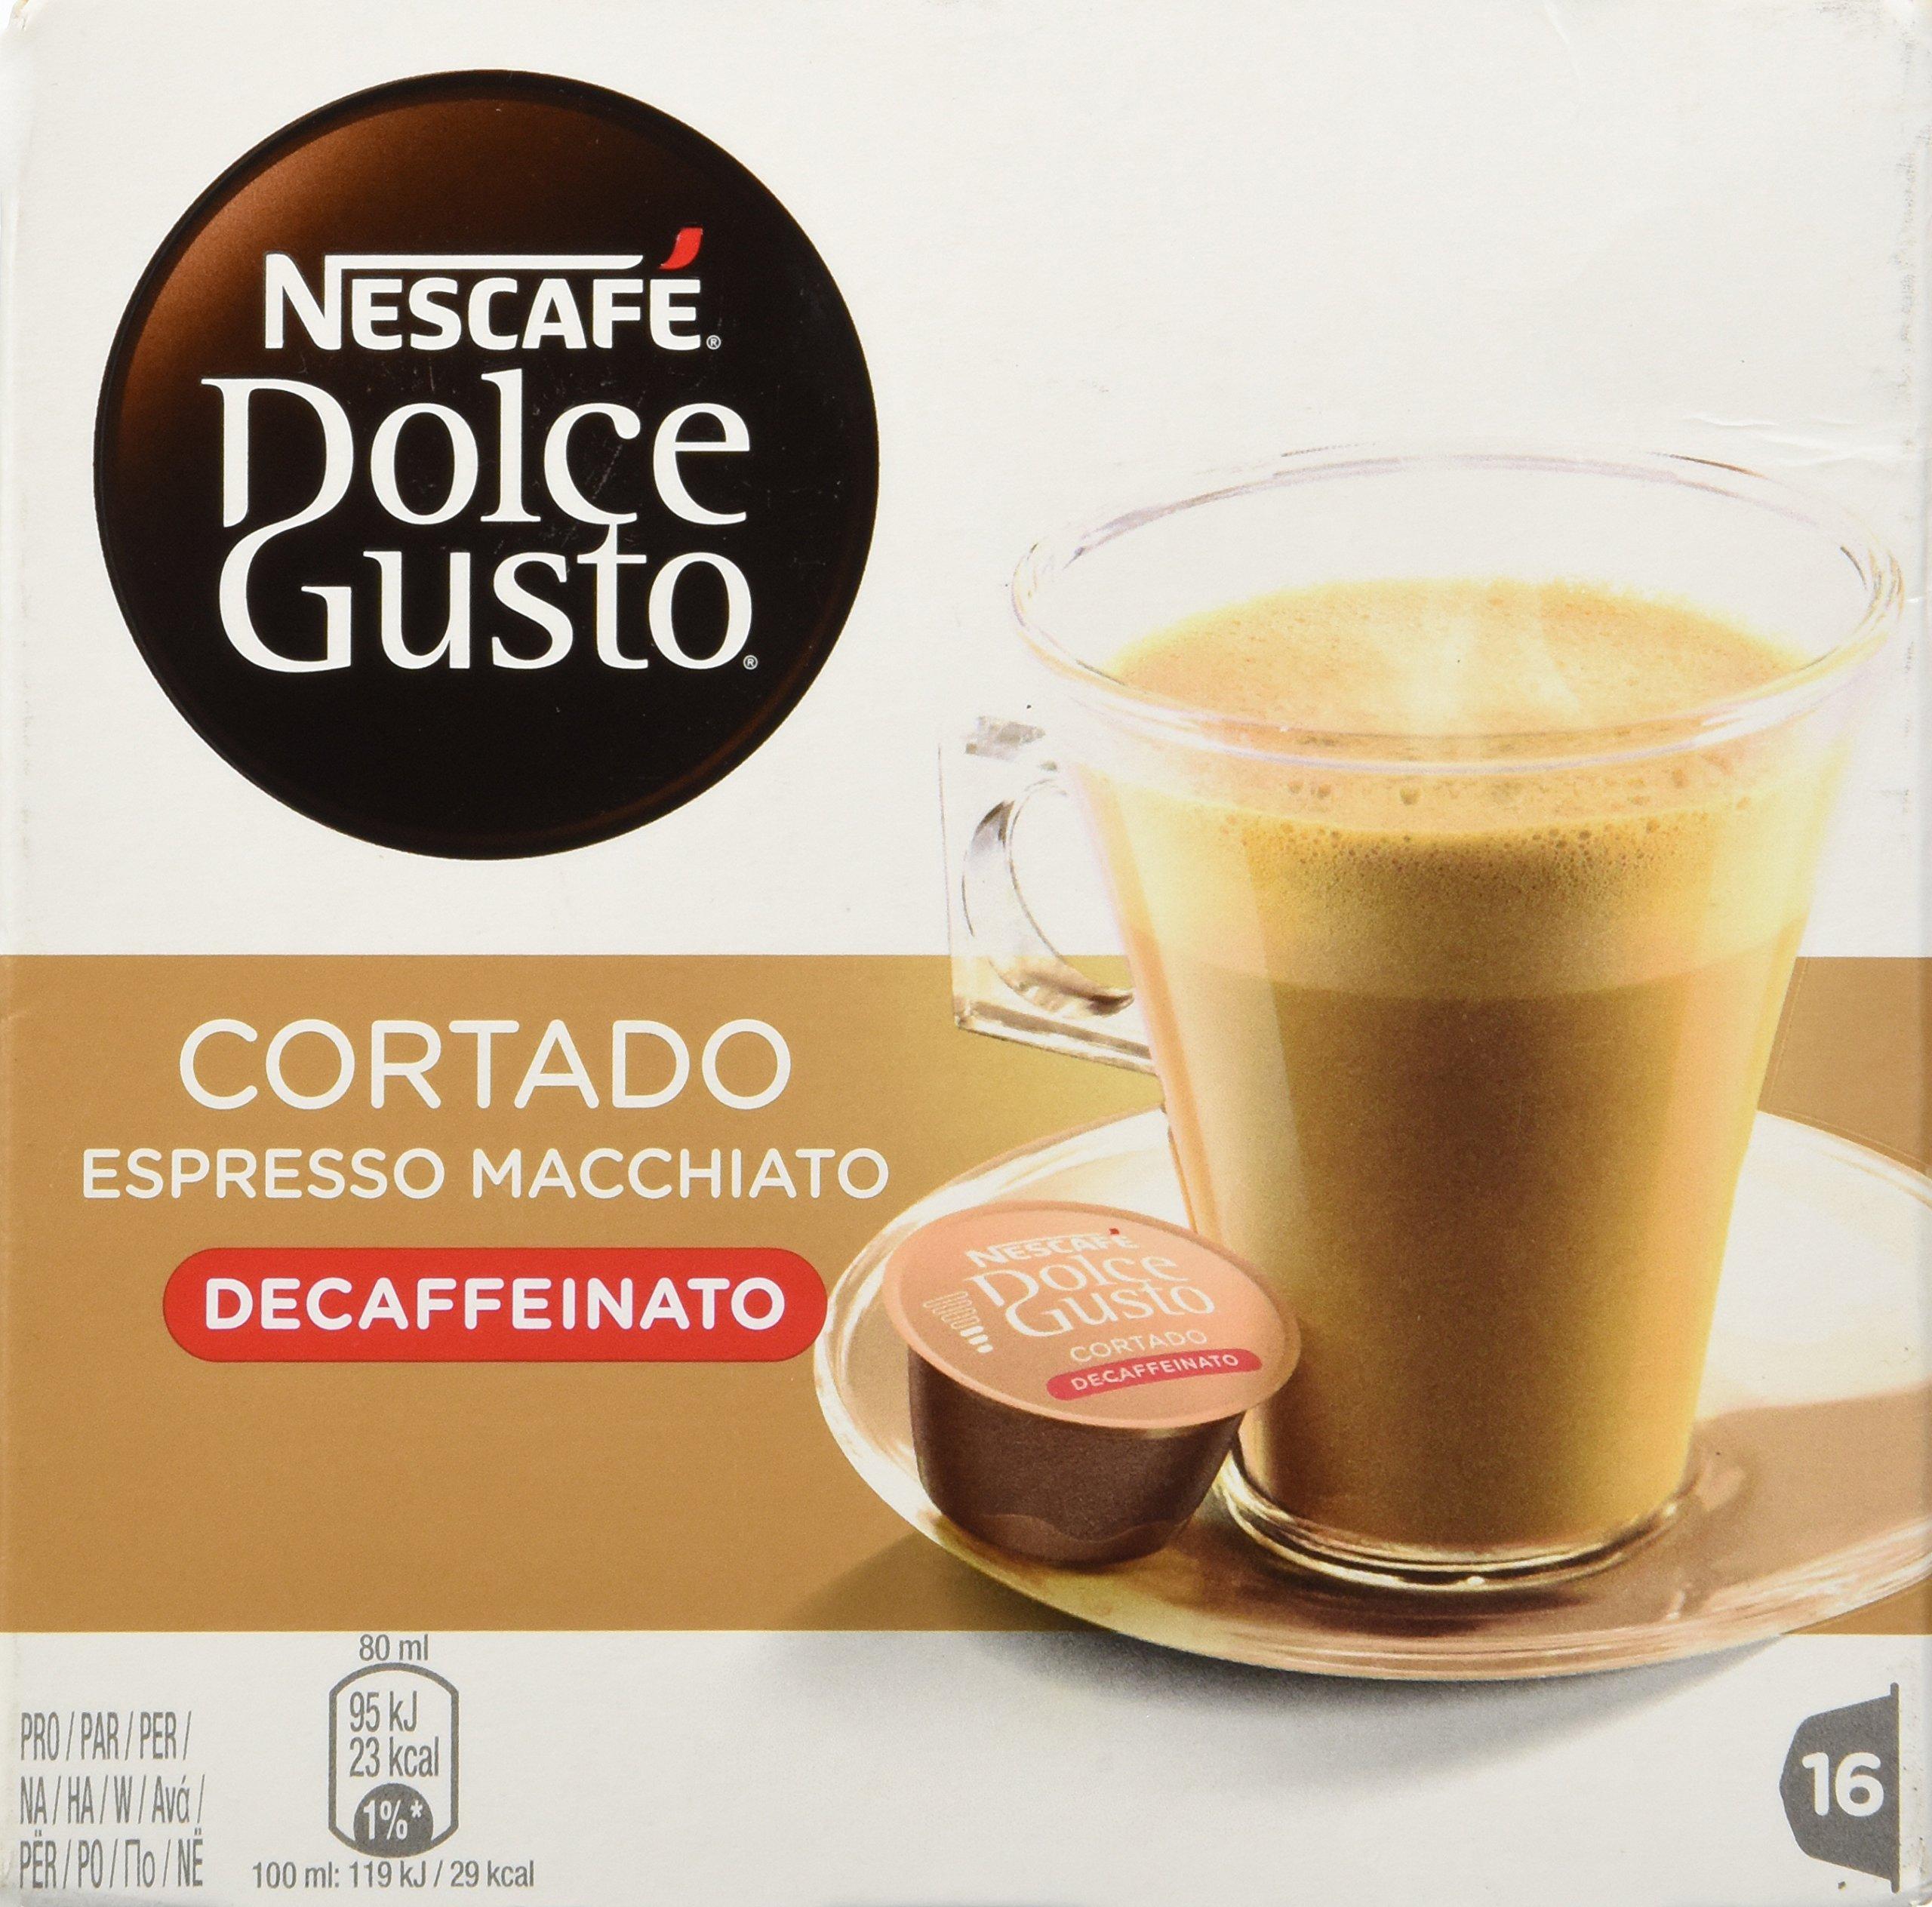 Nescafe Dolce Gusto - Cortado Decaffeinato - 16 Decaf Coffee Capsule